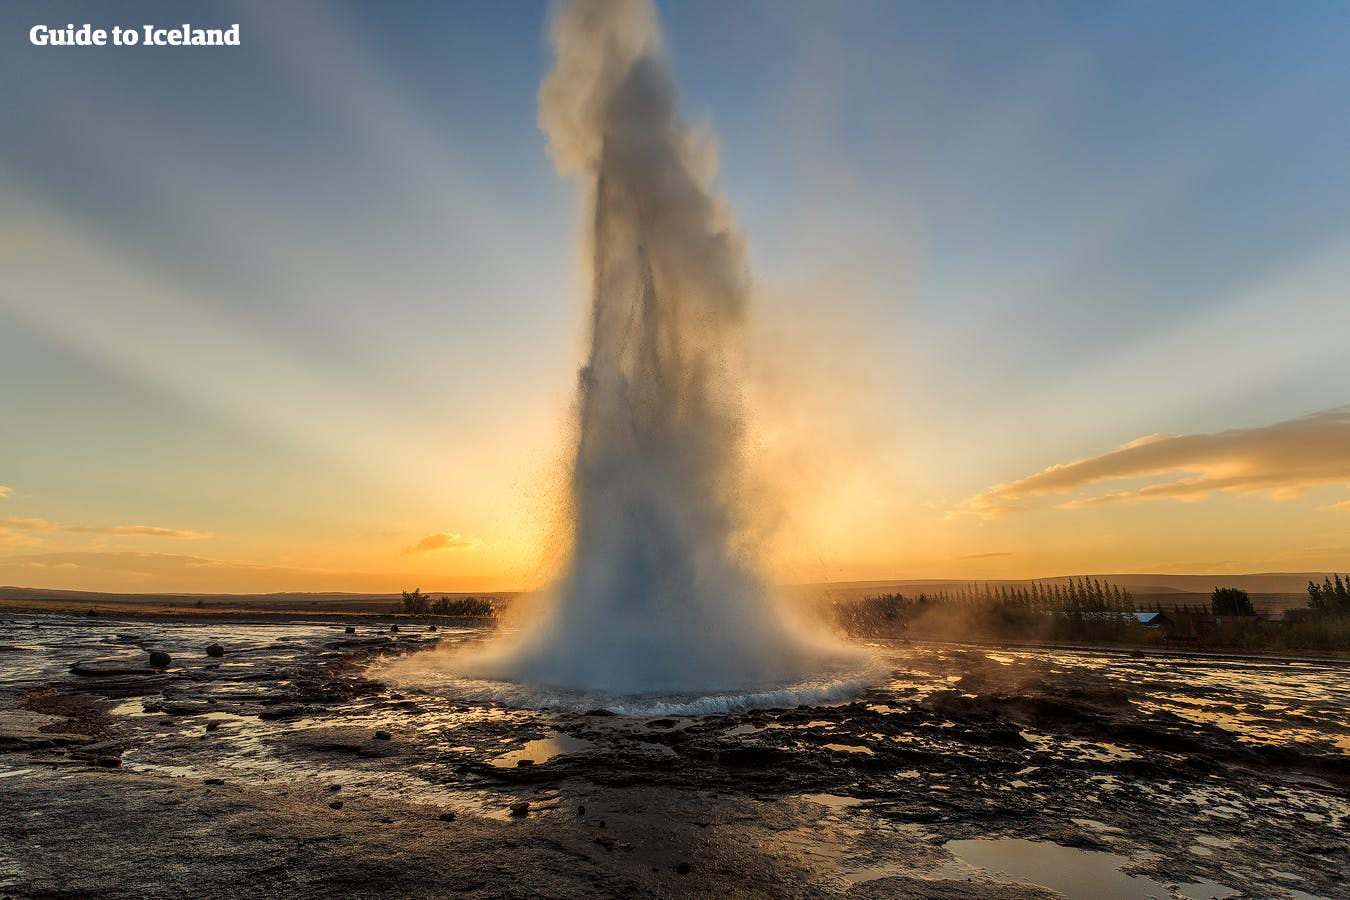 10-дневный тур | Путешествие по кольцевой дороге Исландии и Рейкьявик - day 2